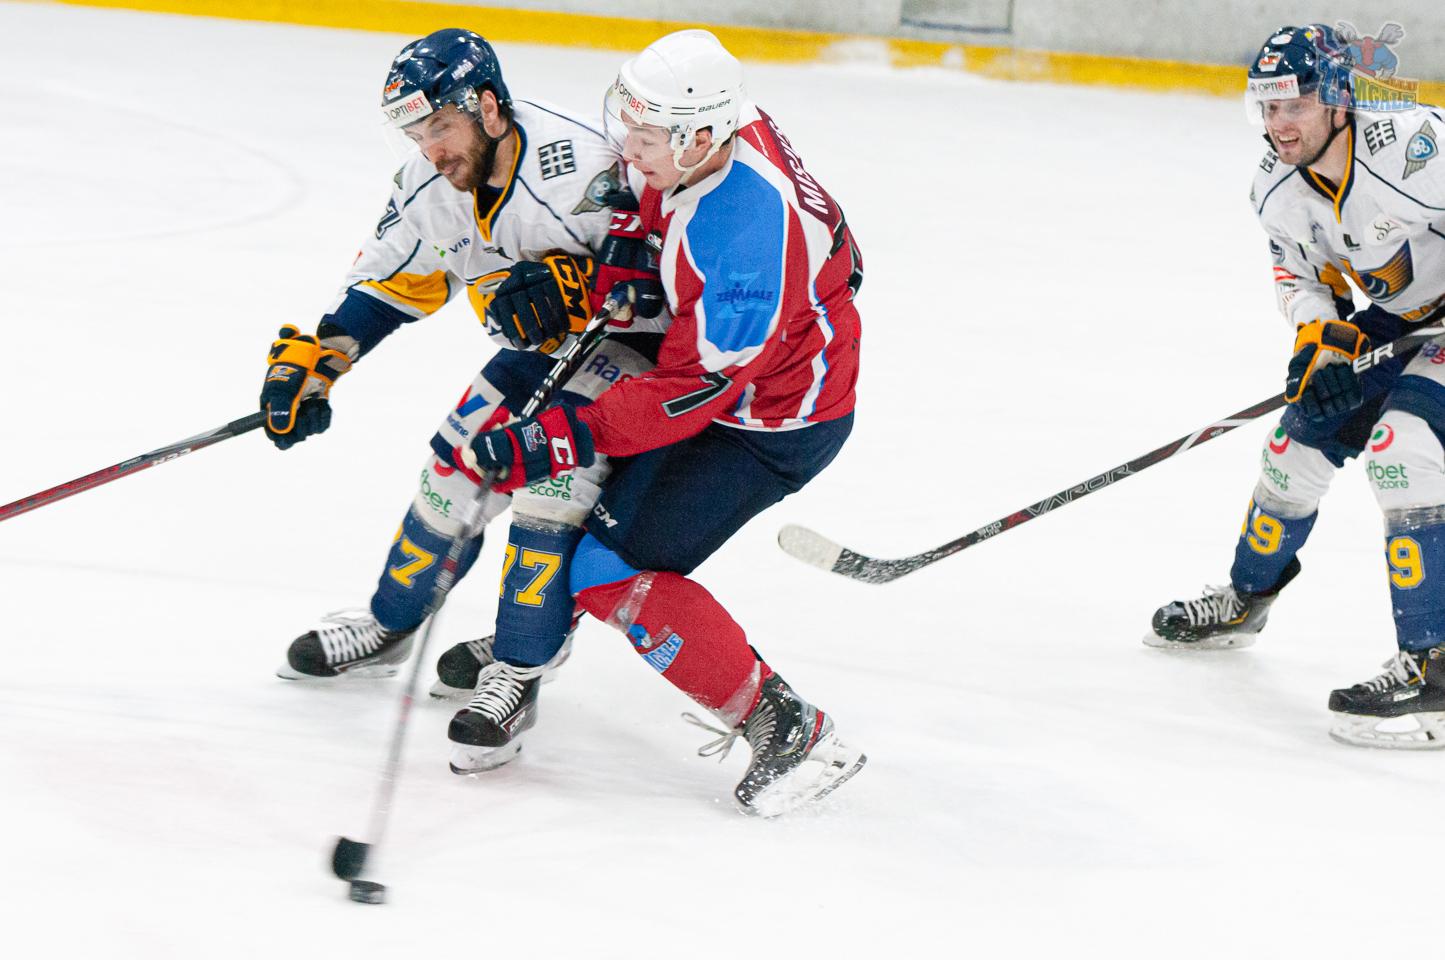 Hokeja aizsarga spēka paņēmiens pret uzbrucēju, kurš veic metienu uz vārtiem